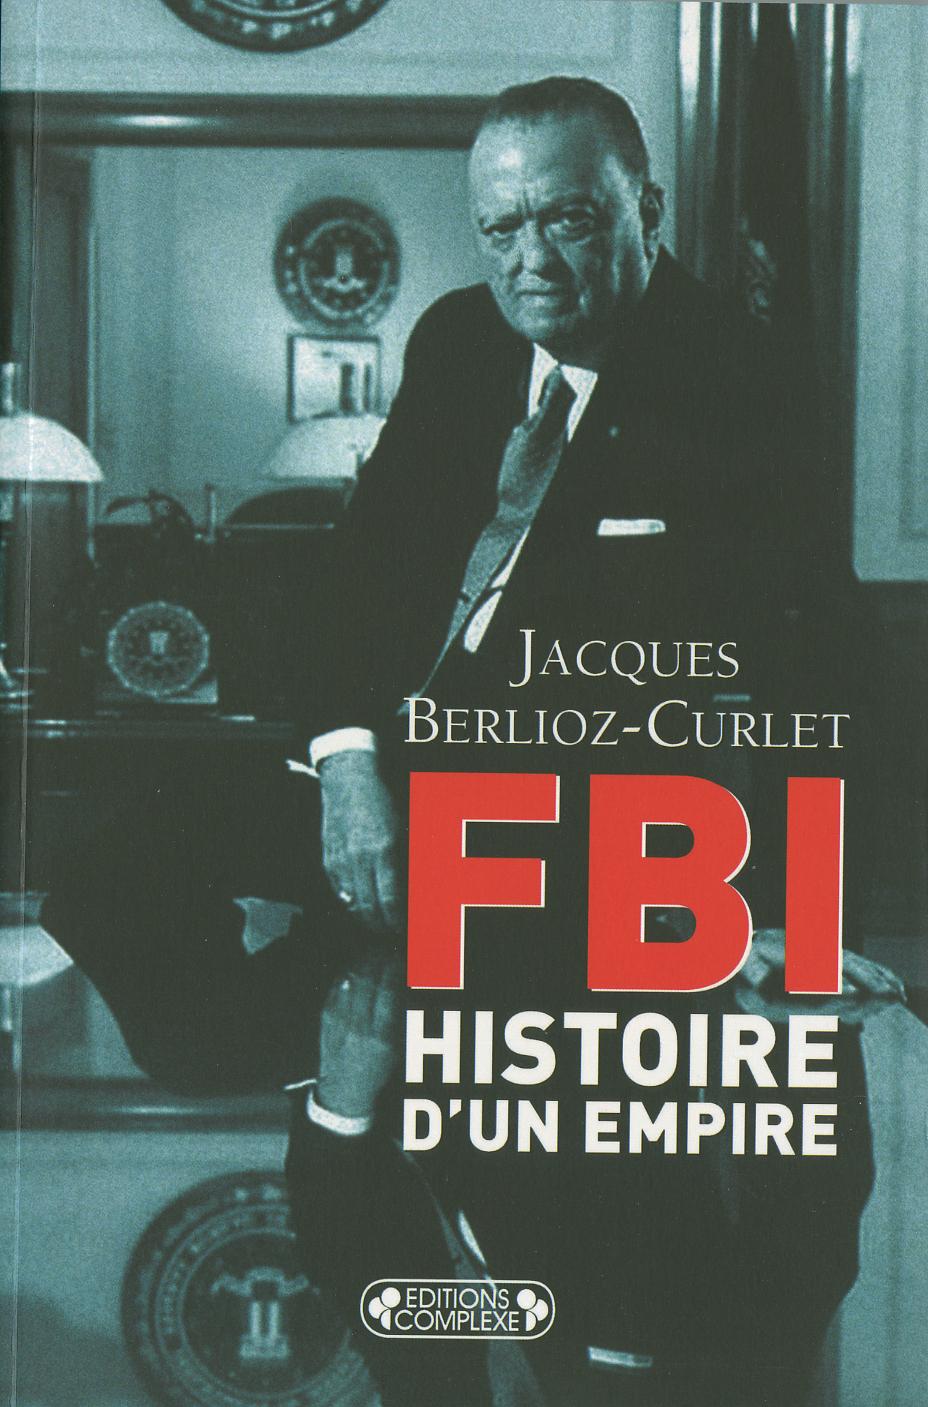 F.B.I, HISTOIRE D'UN EMPIRE